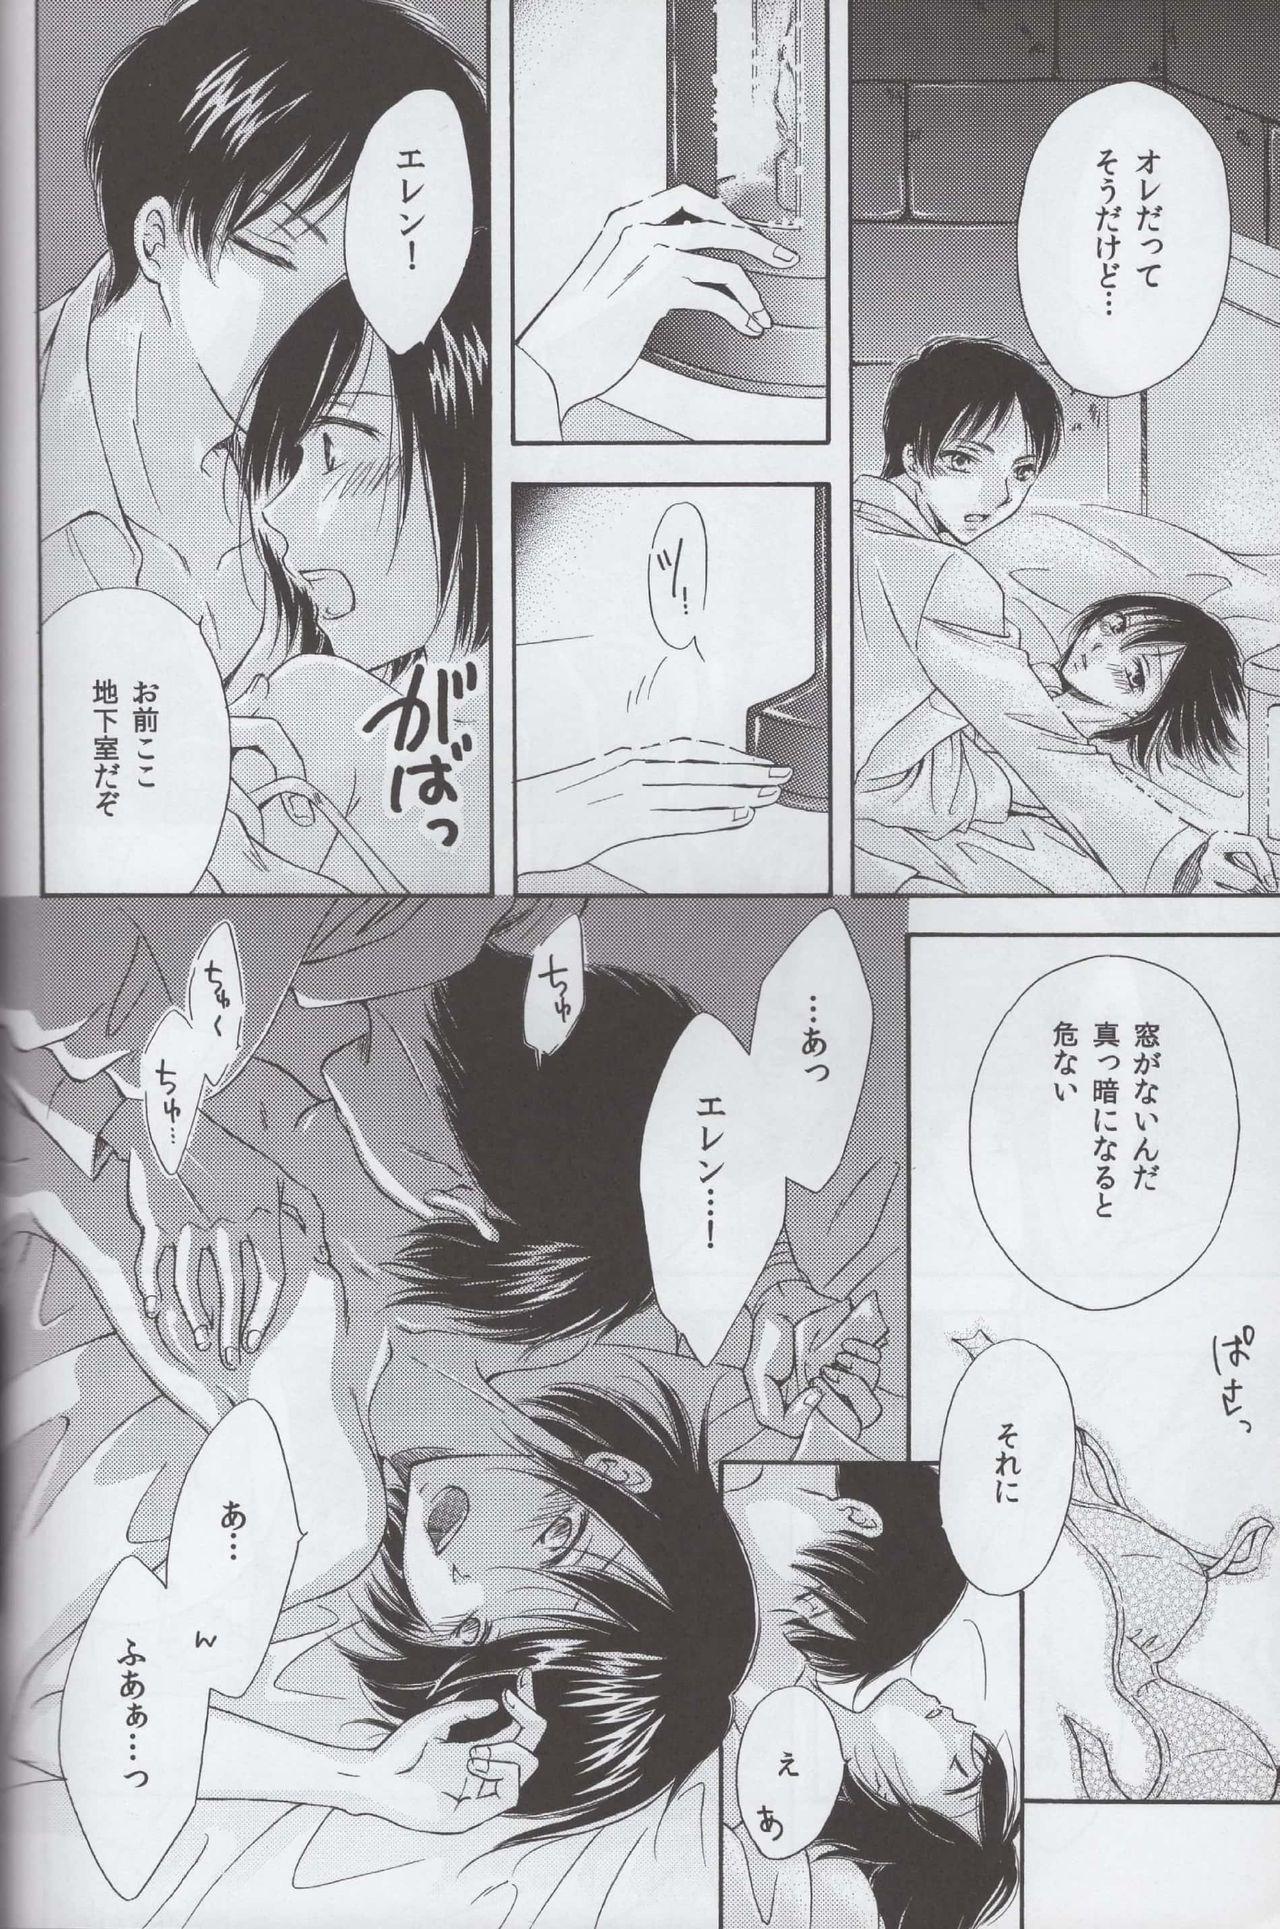 Tsumetai ame no furishikiru 15